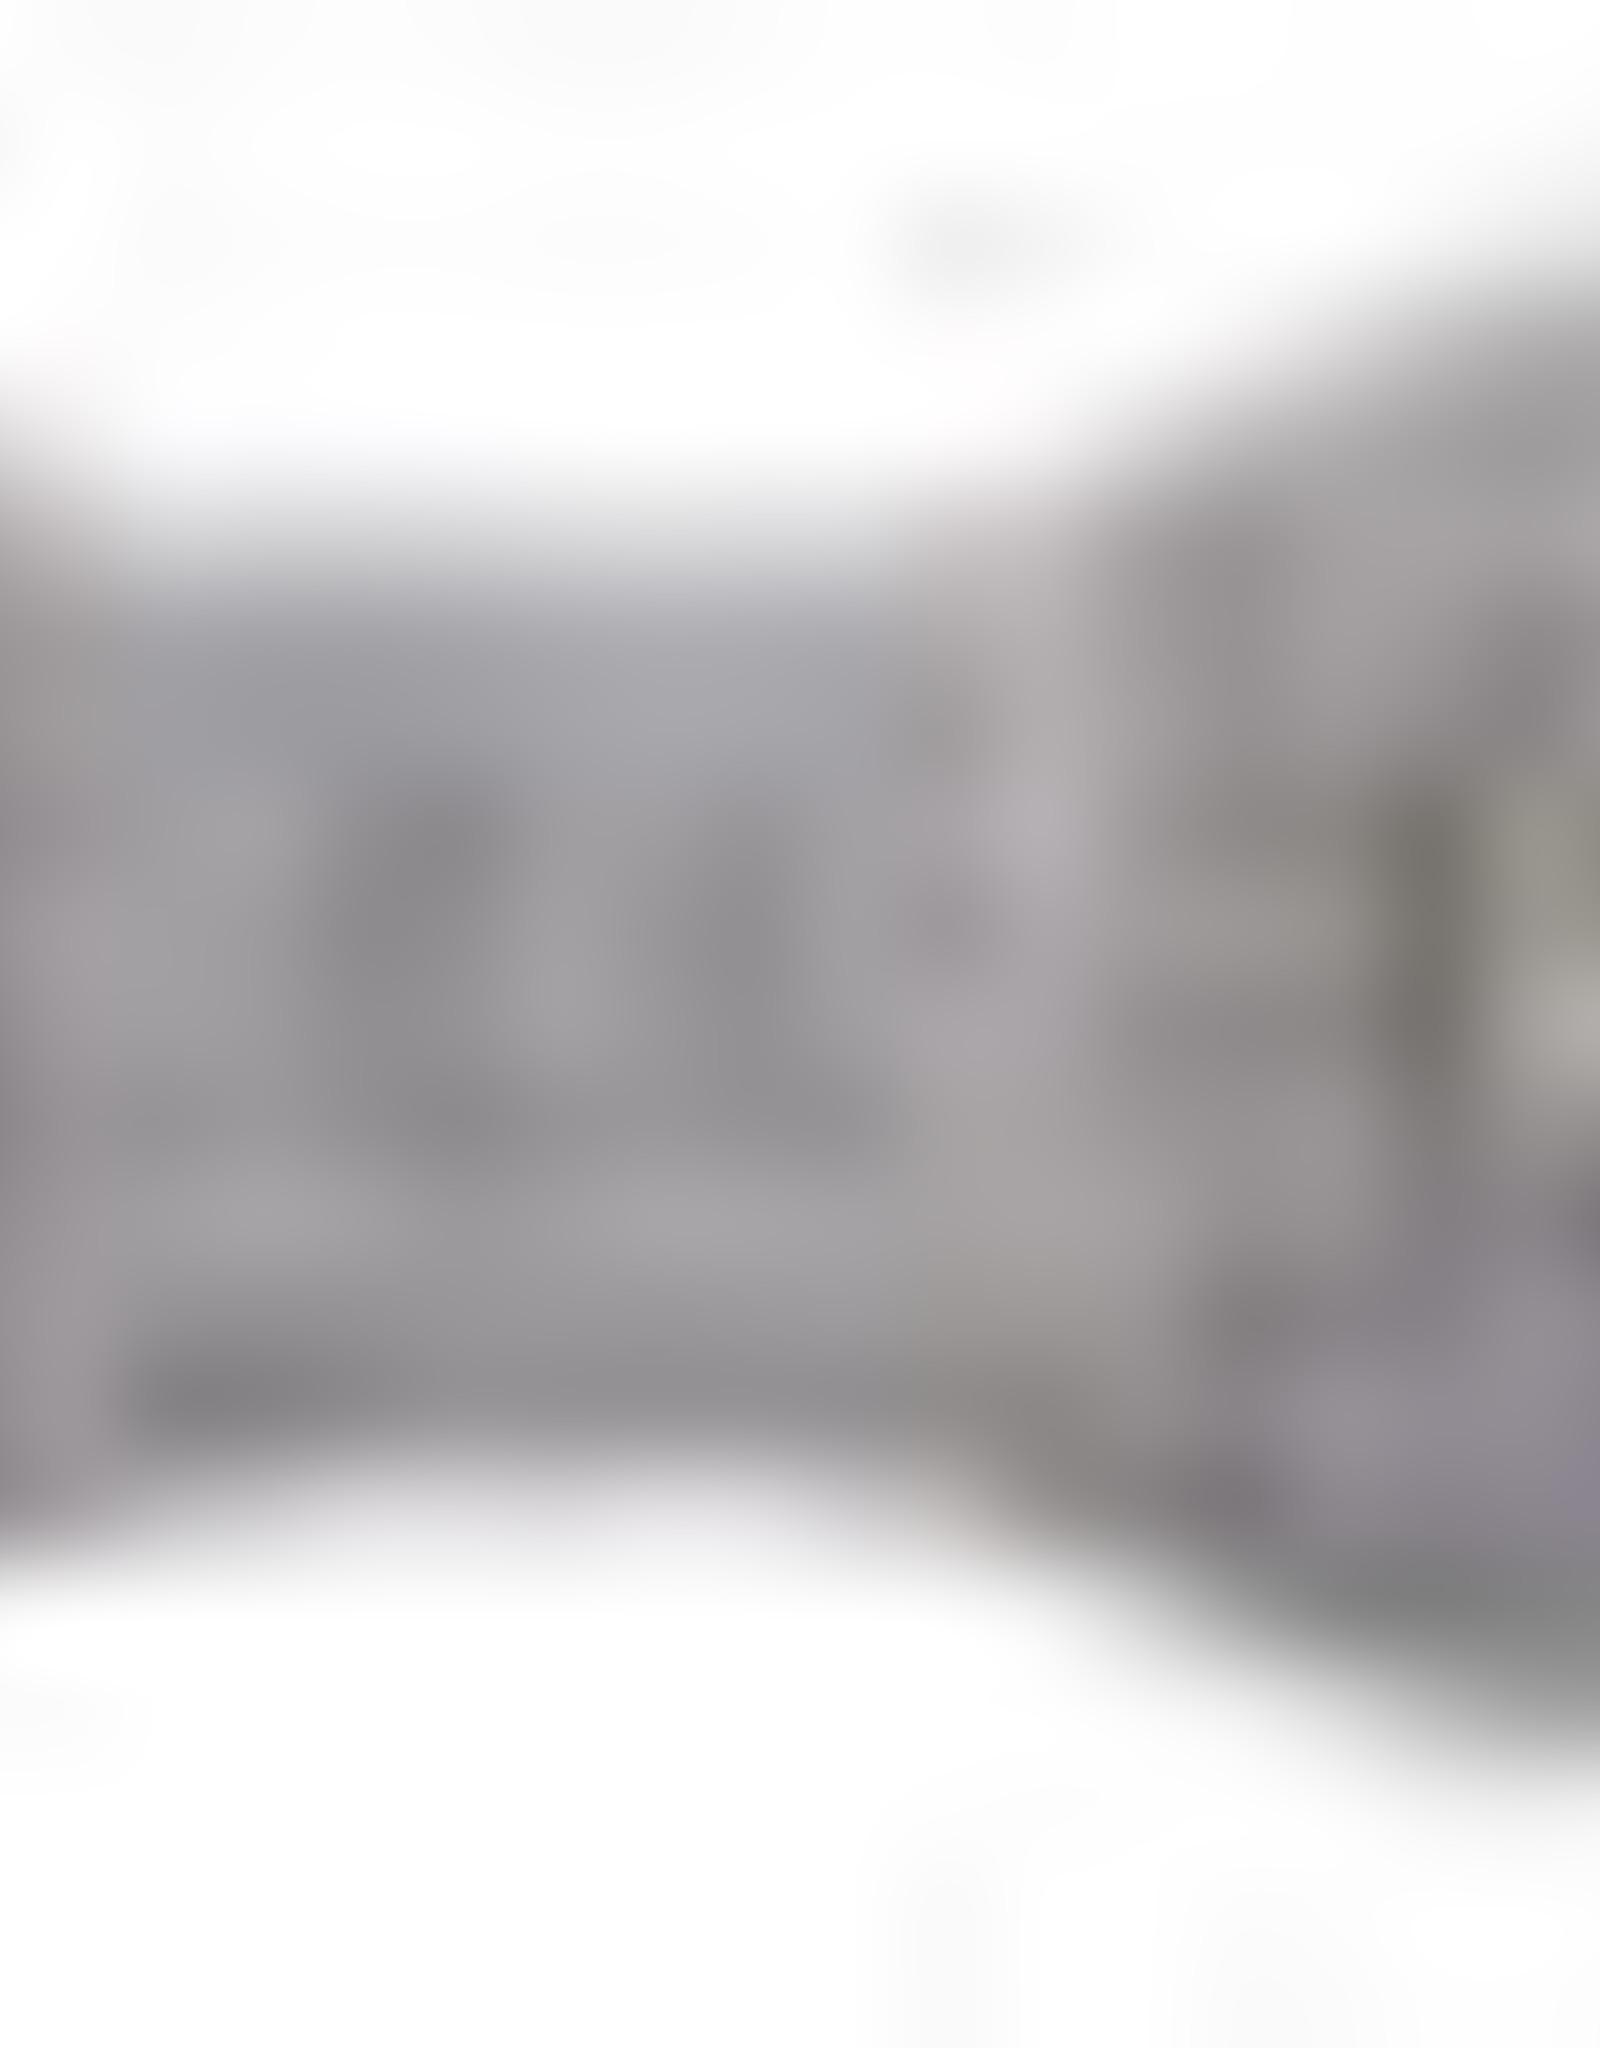 SRAM SRAM PC-951 Chain - 9-Speed, 114 Links, Gray